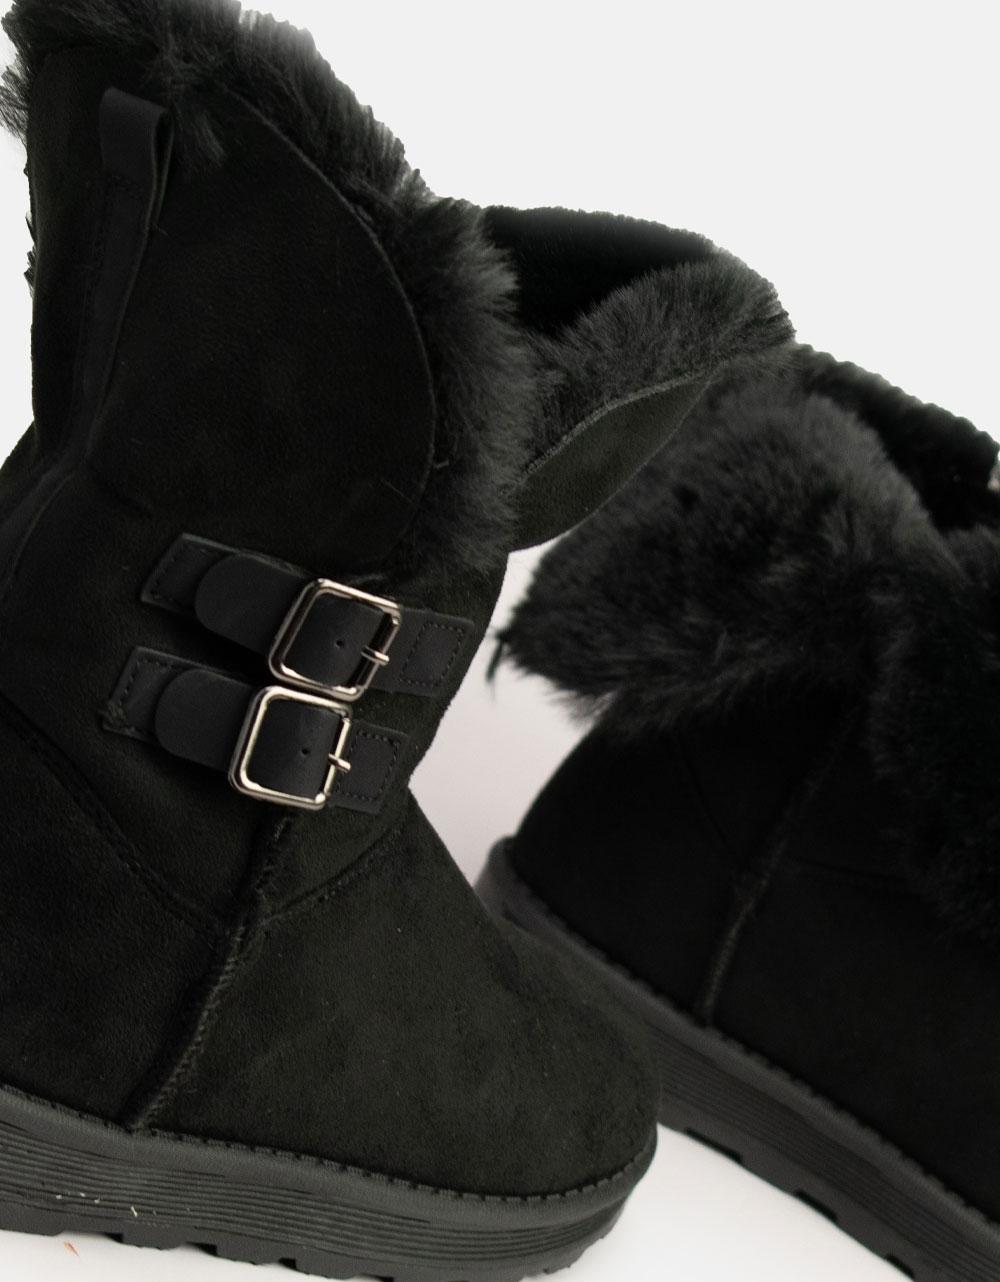 Εικόνα από Γυναικεία μποτάκια με διακοσμητικά λουράκια Μαύρο